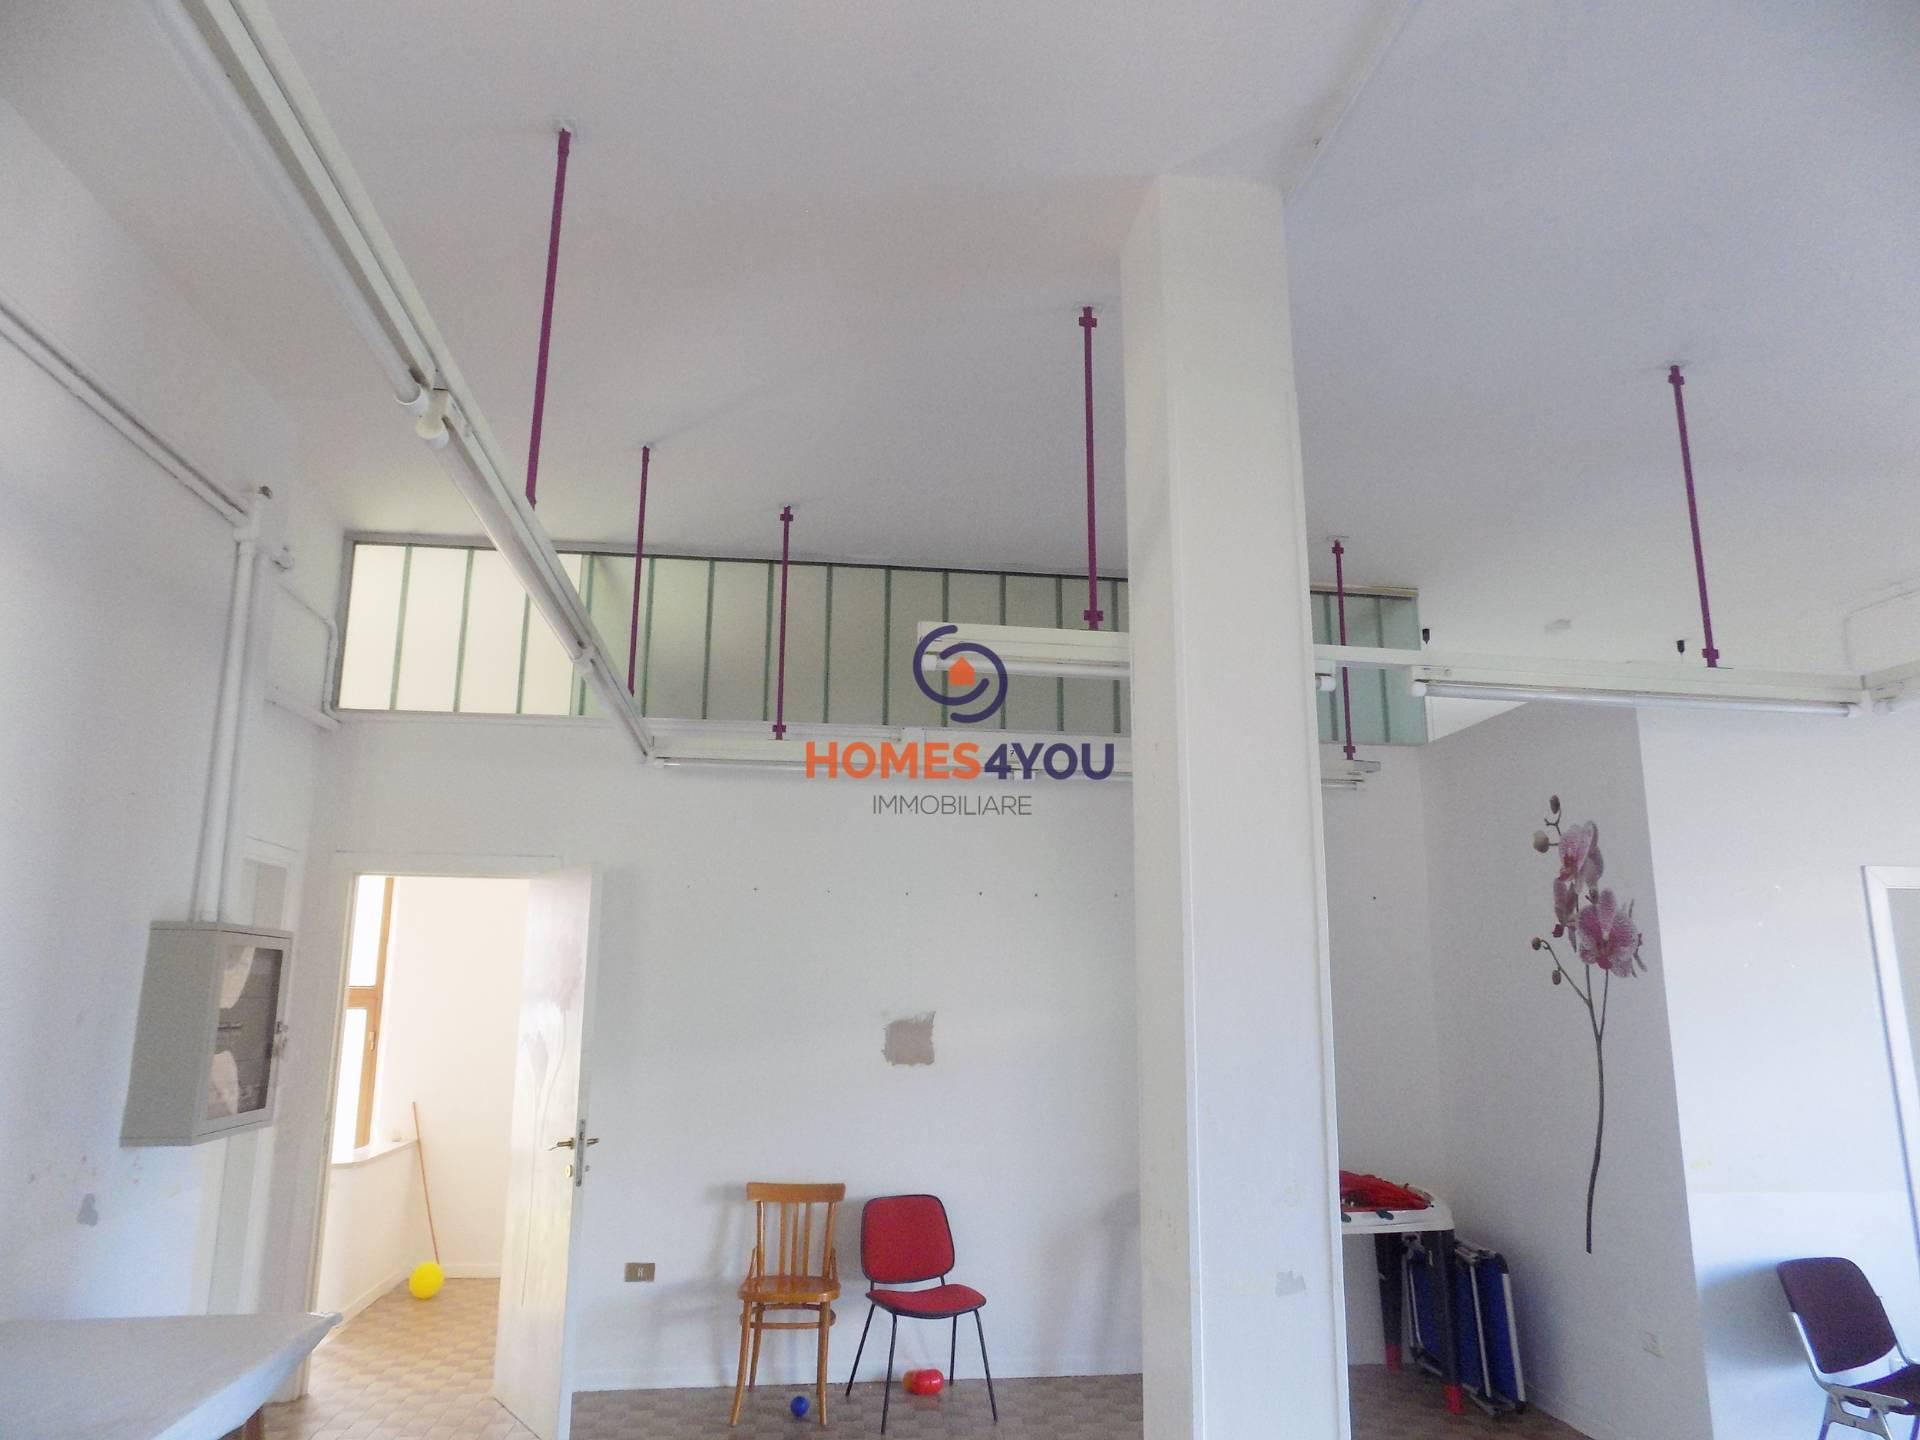 Spazio commerciale in affitto a Senigallia - Spazio commerciale in affitto a Senigallia